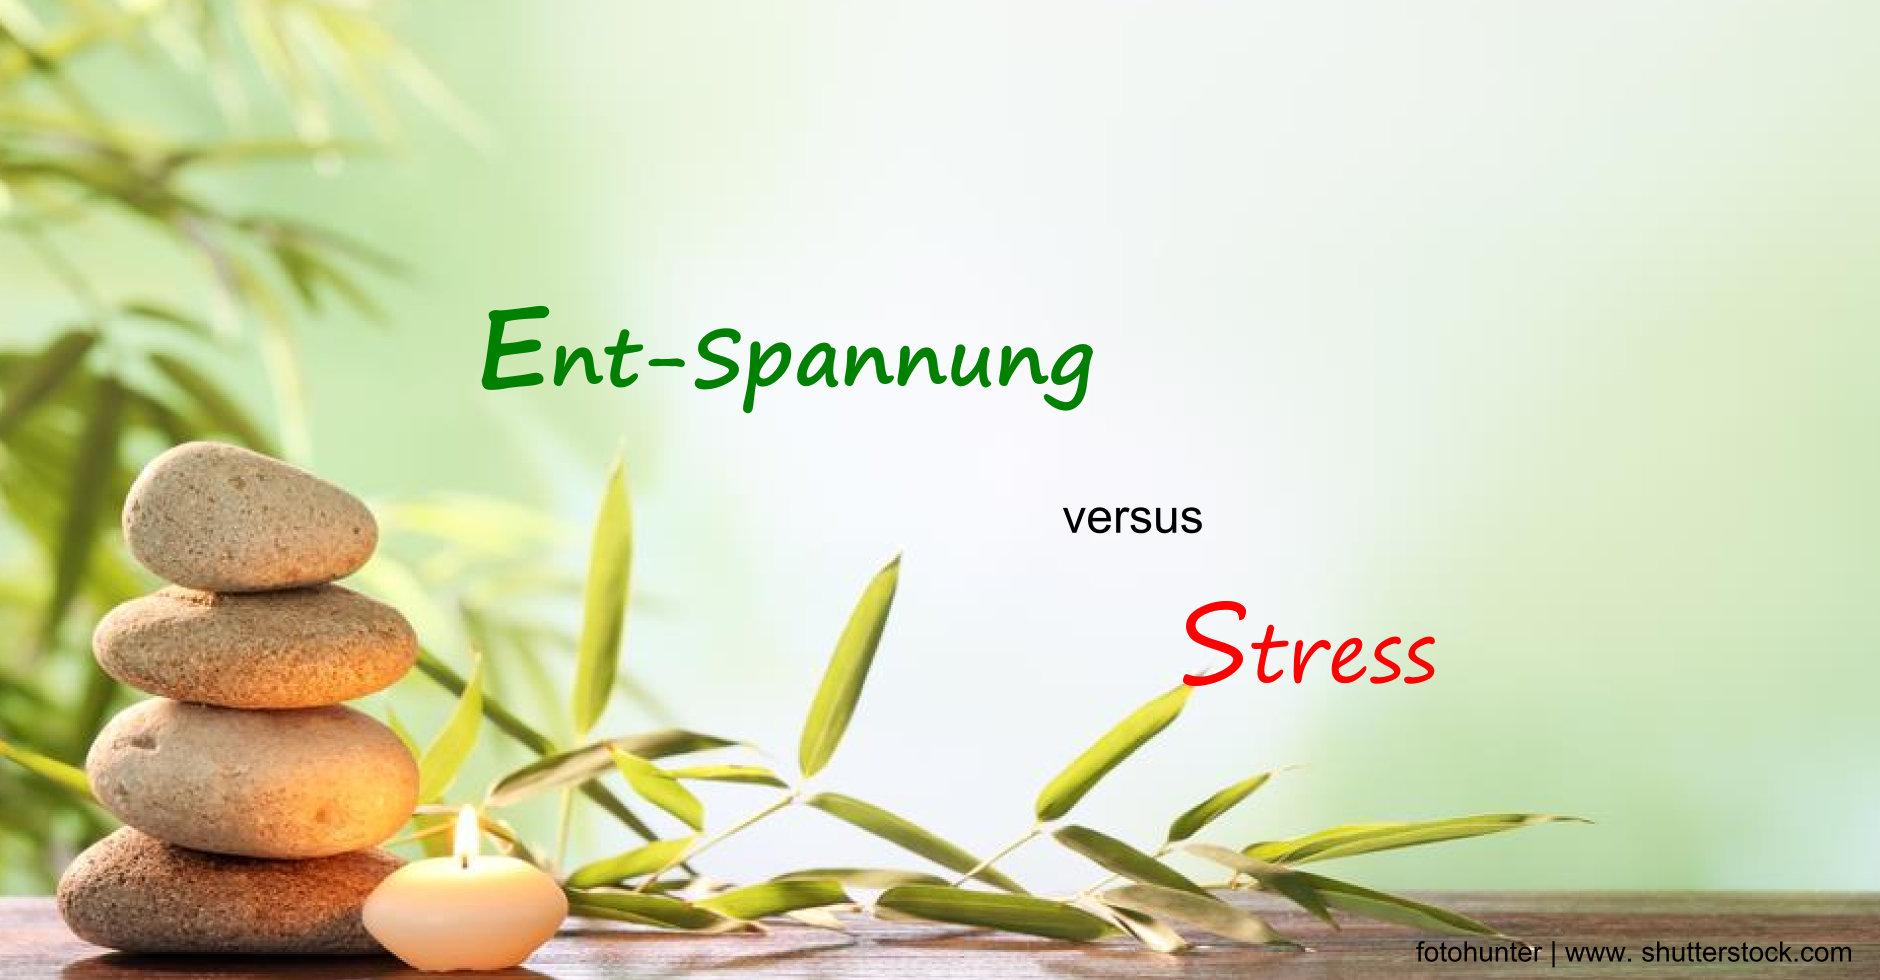 Entspannung und Wellness versus Stress